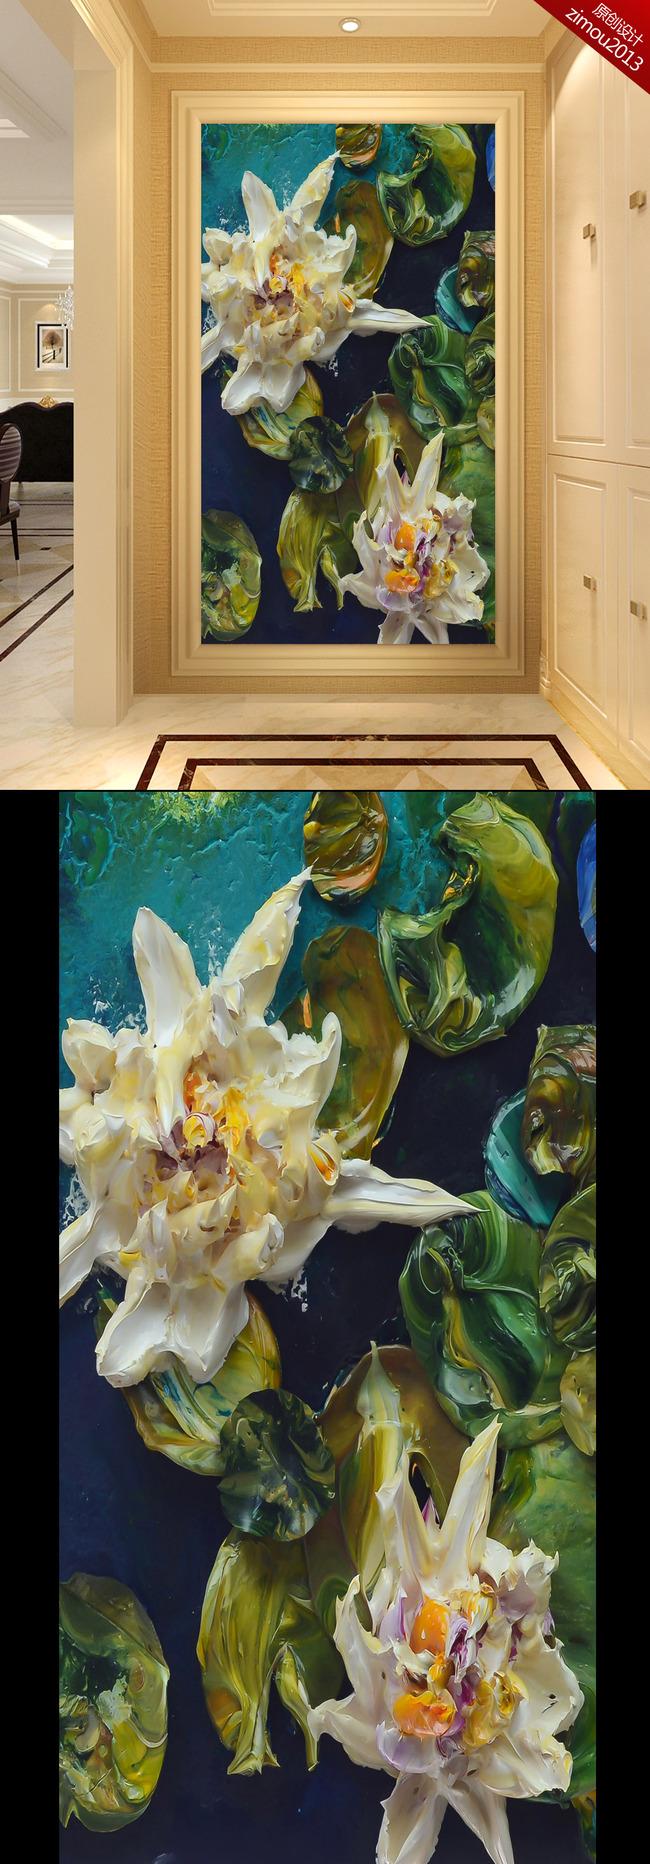 荷塘莲花手绘立体水彩油画玄关过道壁画